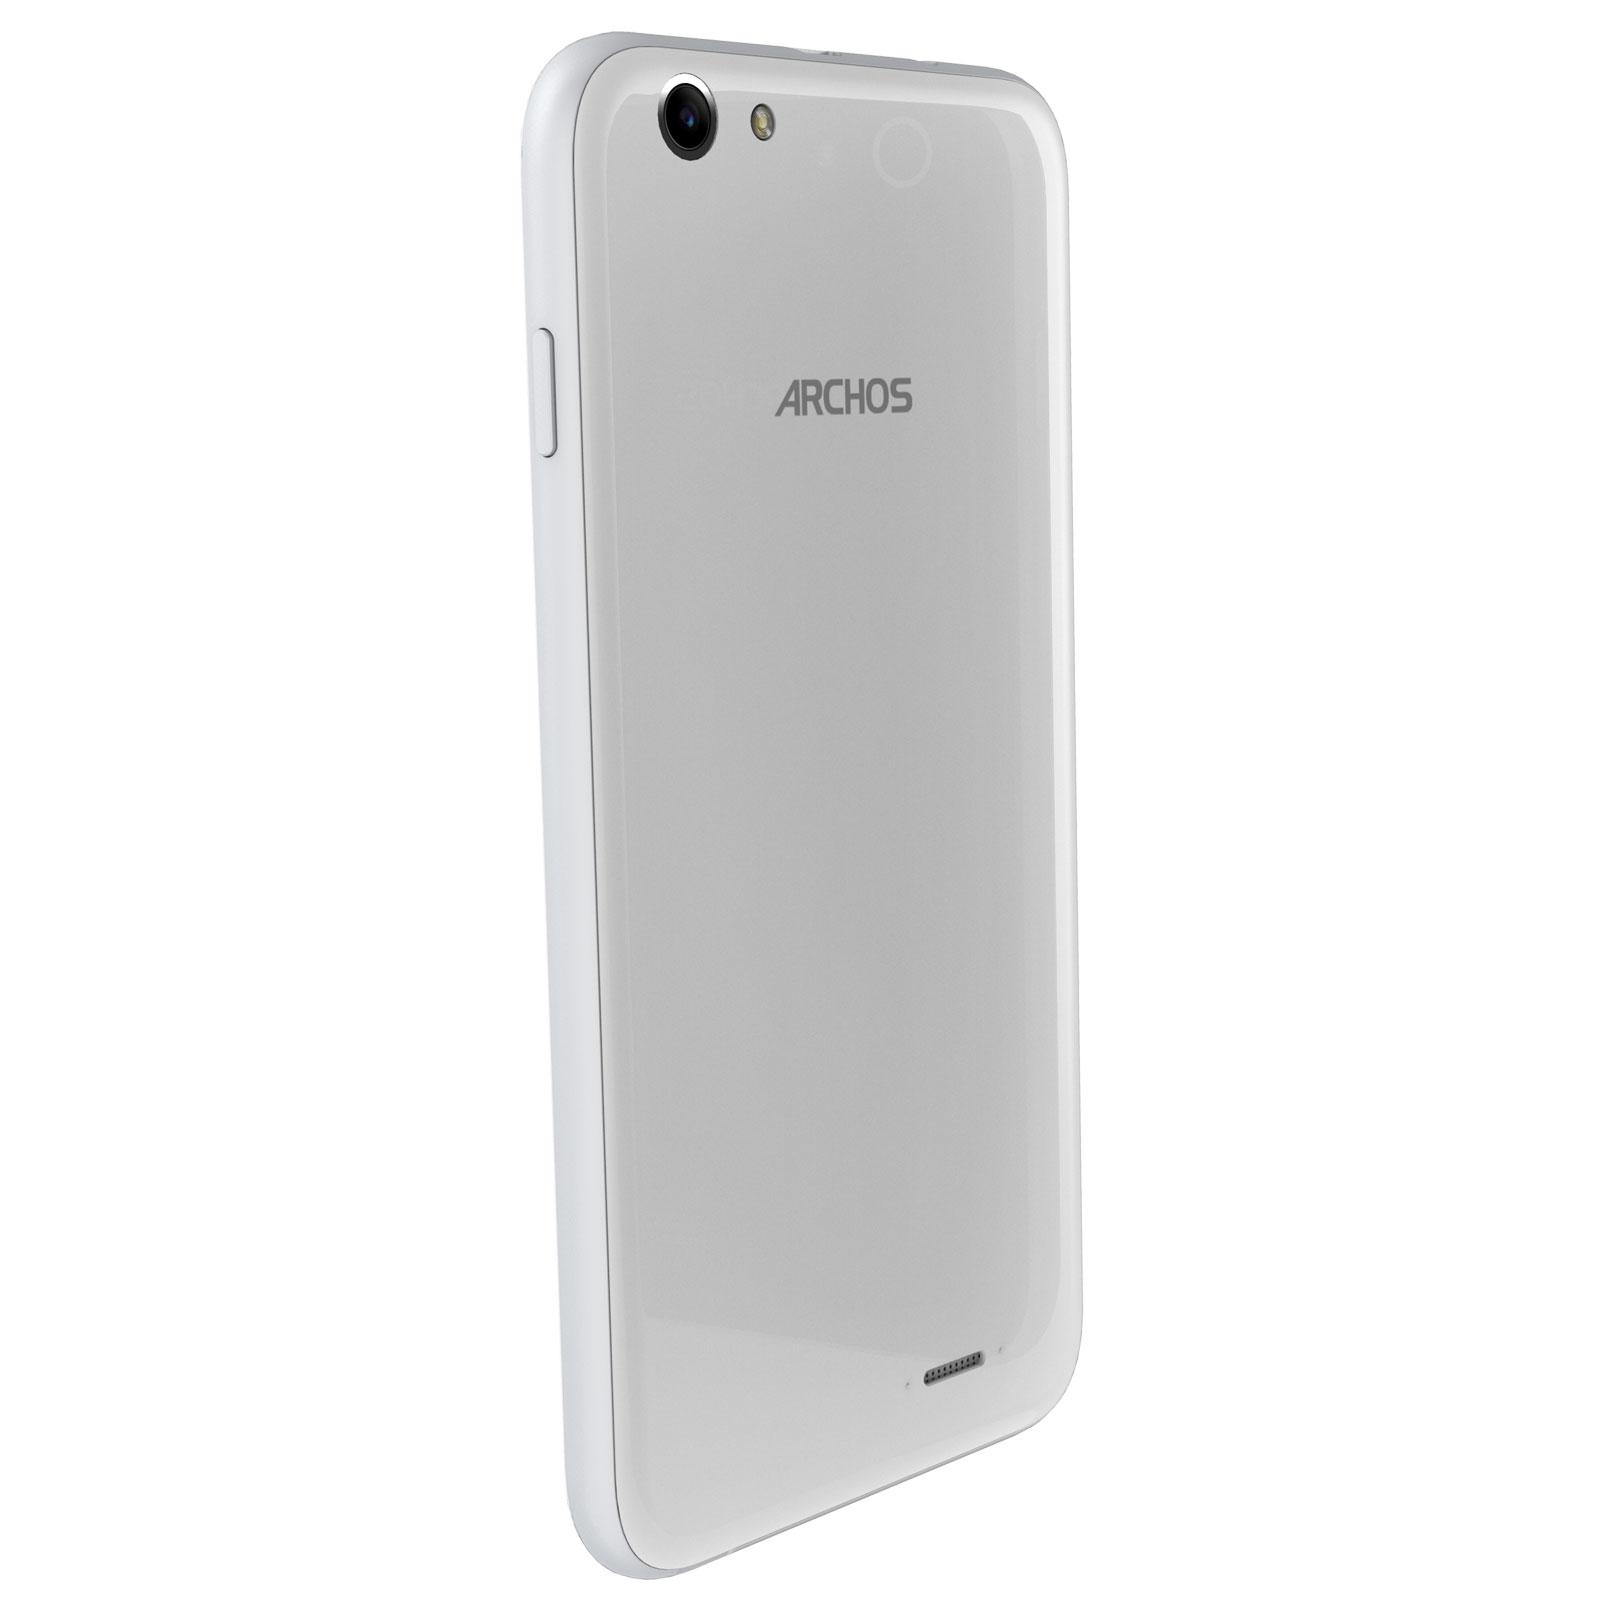 archos 55 helium plus blanc mobile smartphone archos sur ldlc. Black Bedroom Furniture Sets. Home Design Ideas